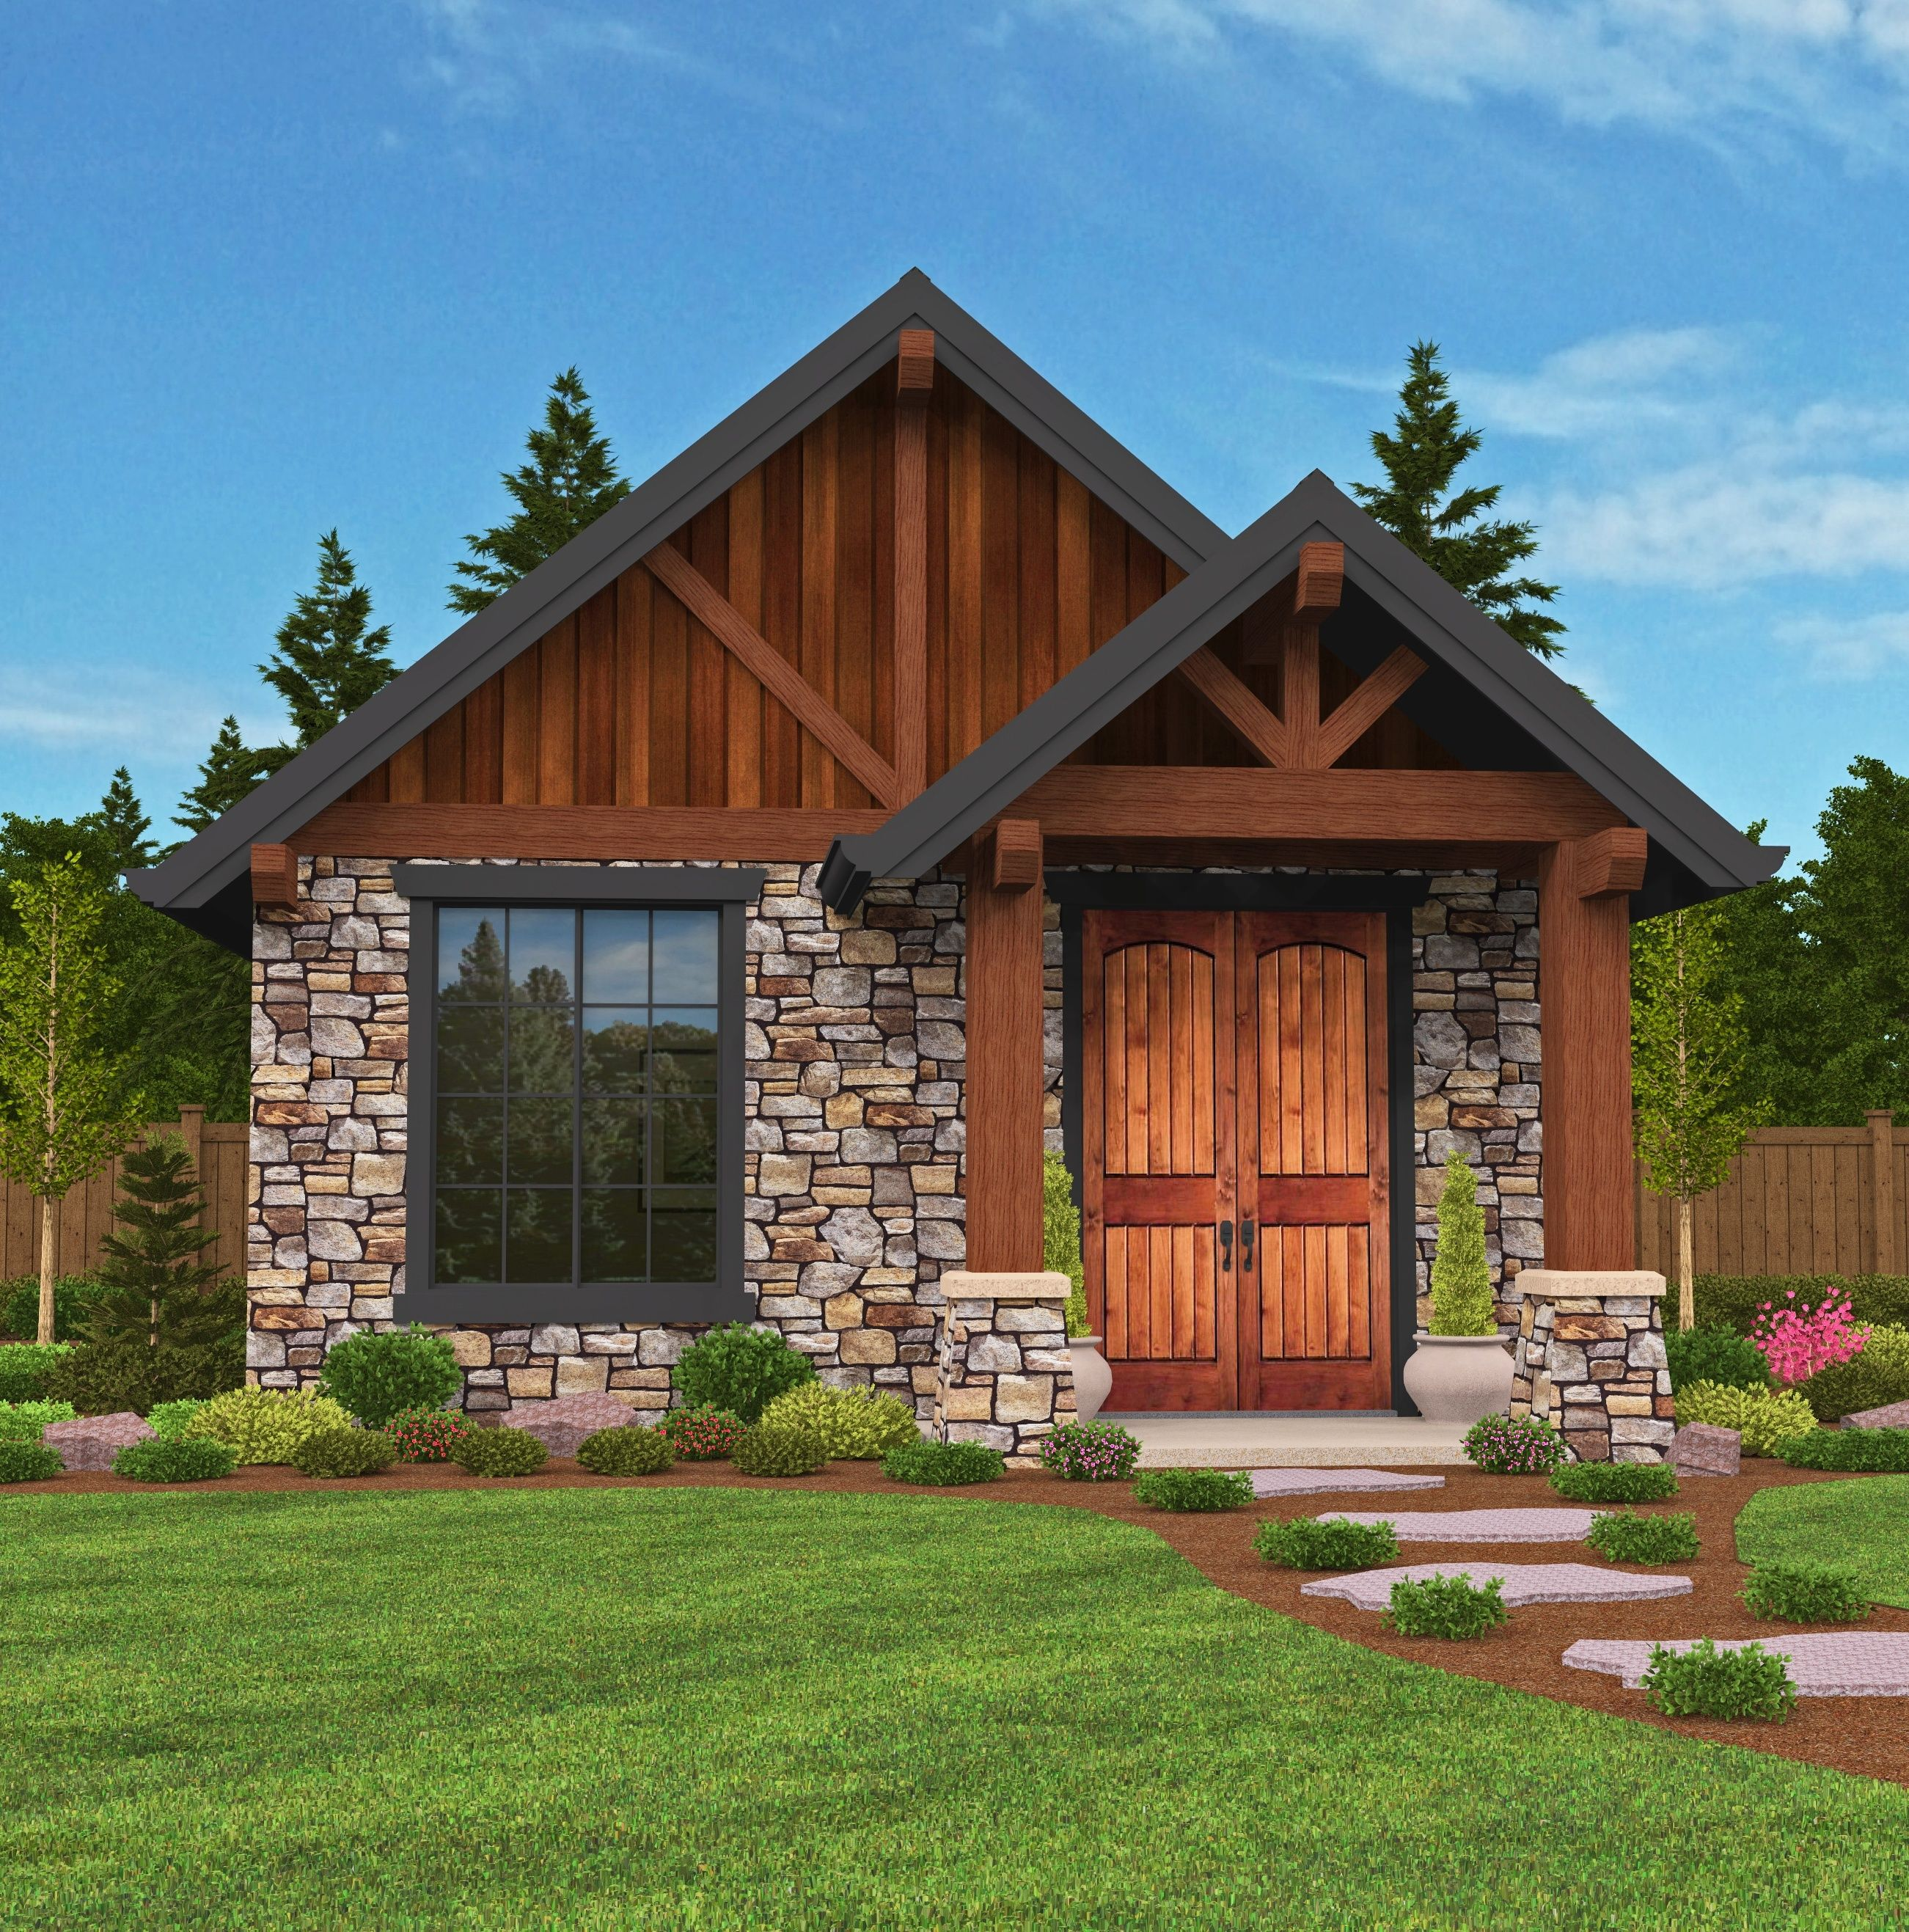 Trinidad Small House Plan Modern Lodge House Plans With Photos Casas Em Estilo Chale Chales Pequenos Construcao De Casas